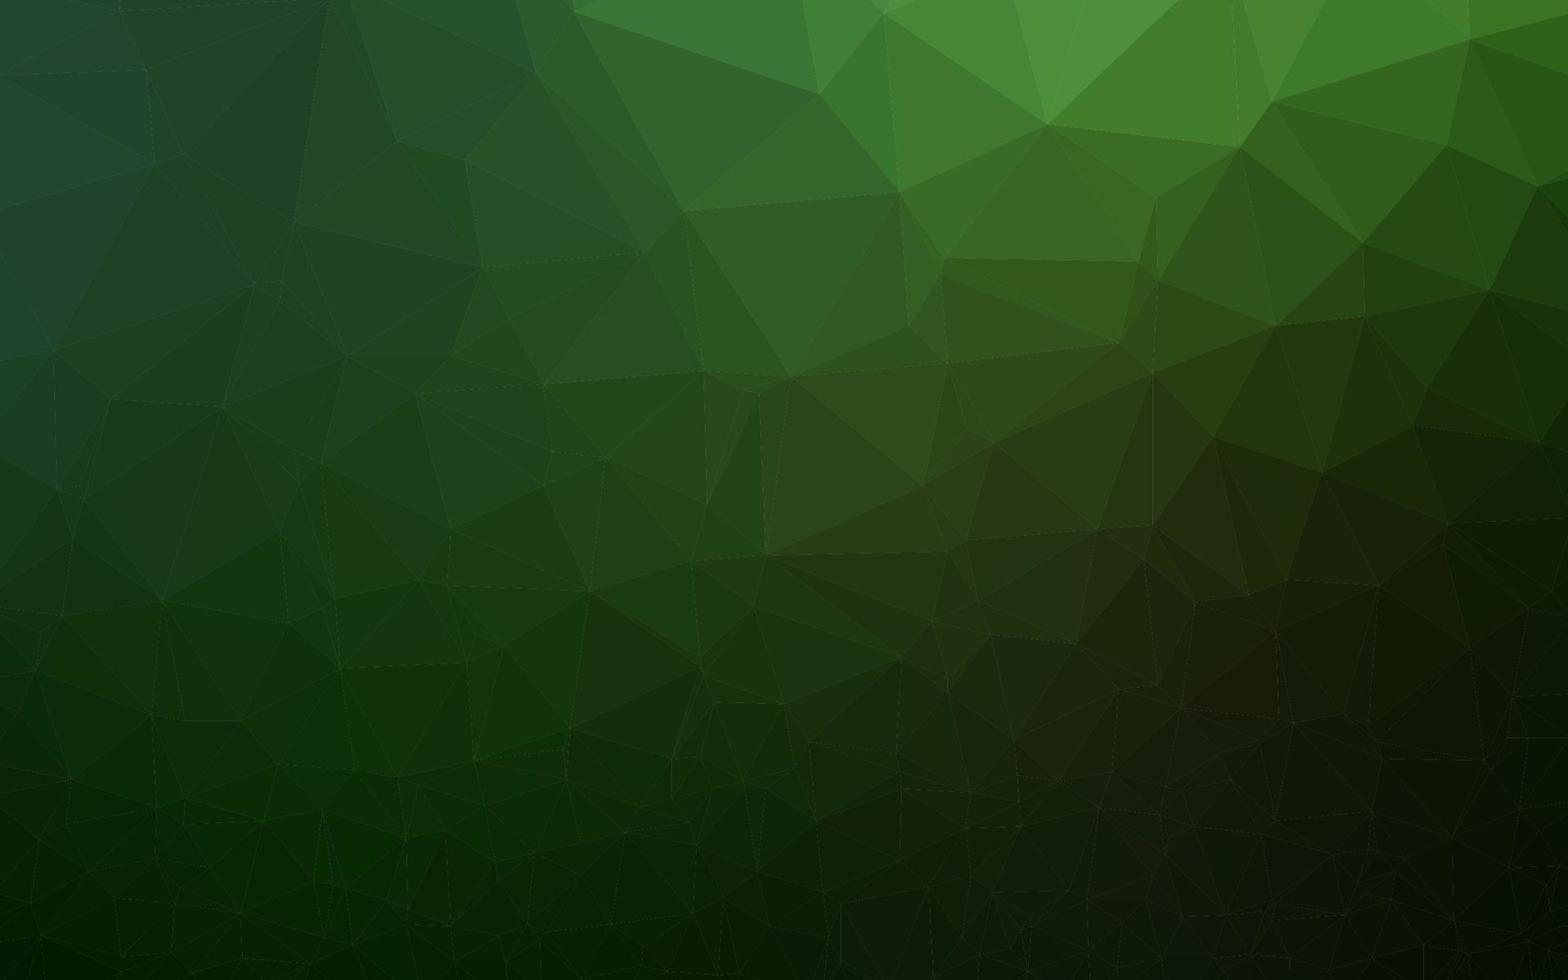 vetor verde escuro brilhante padrão triangular.